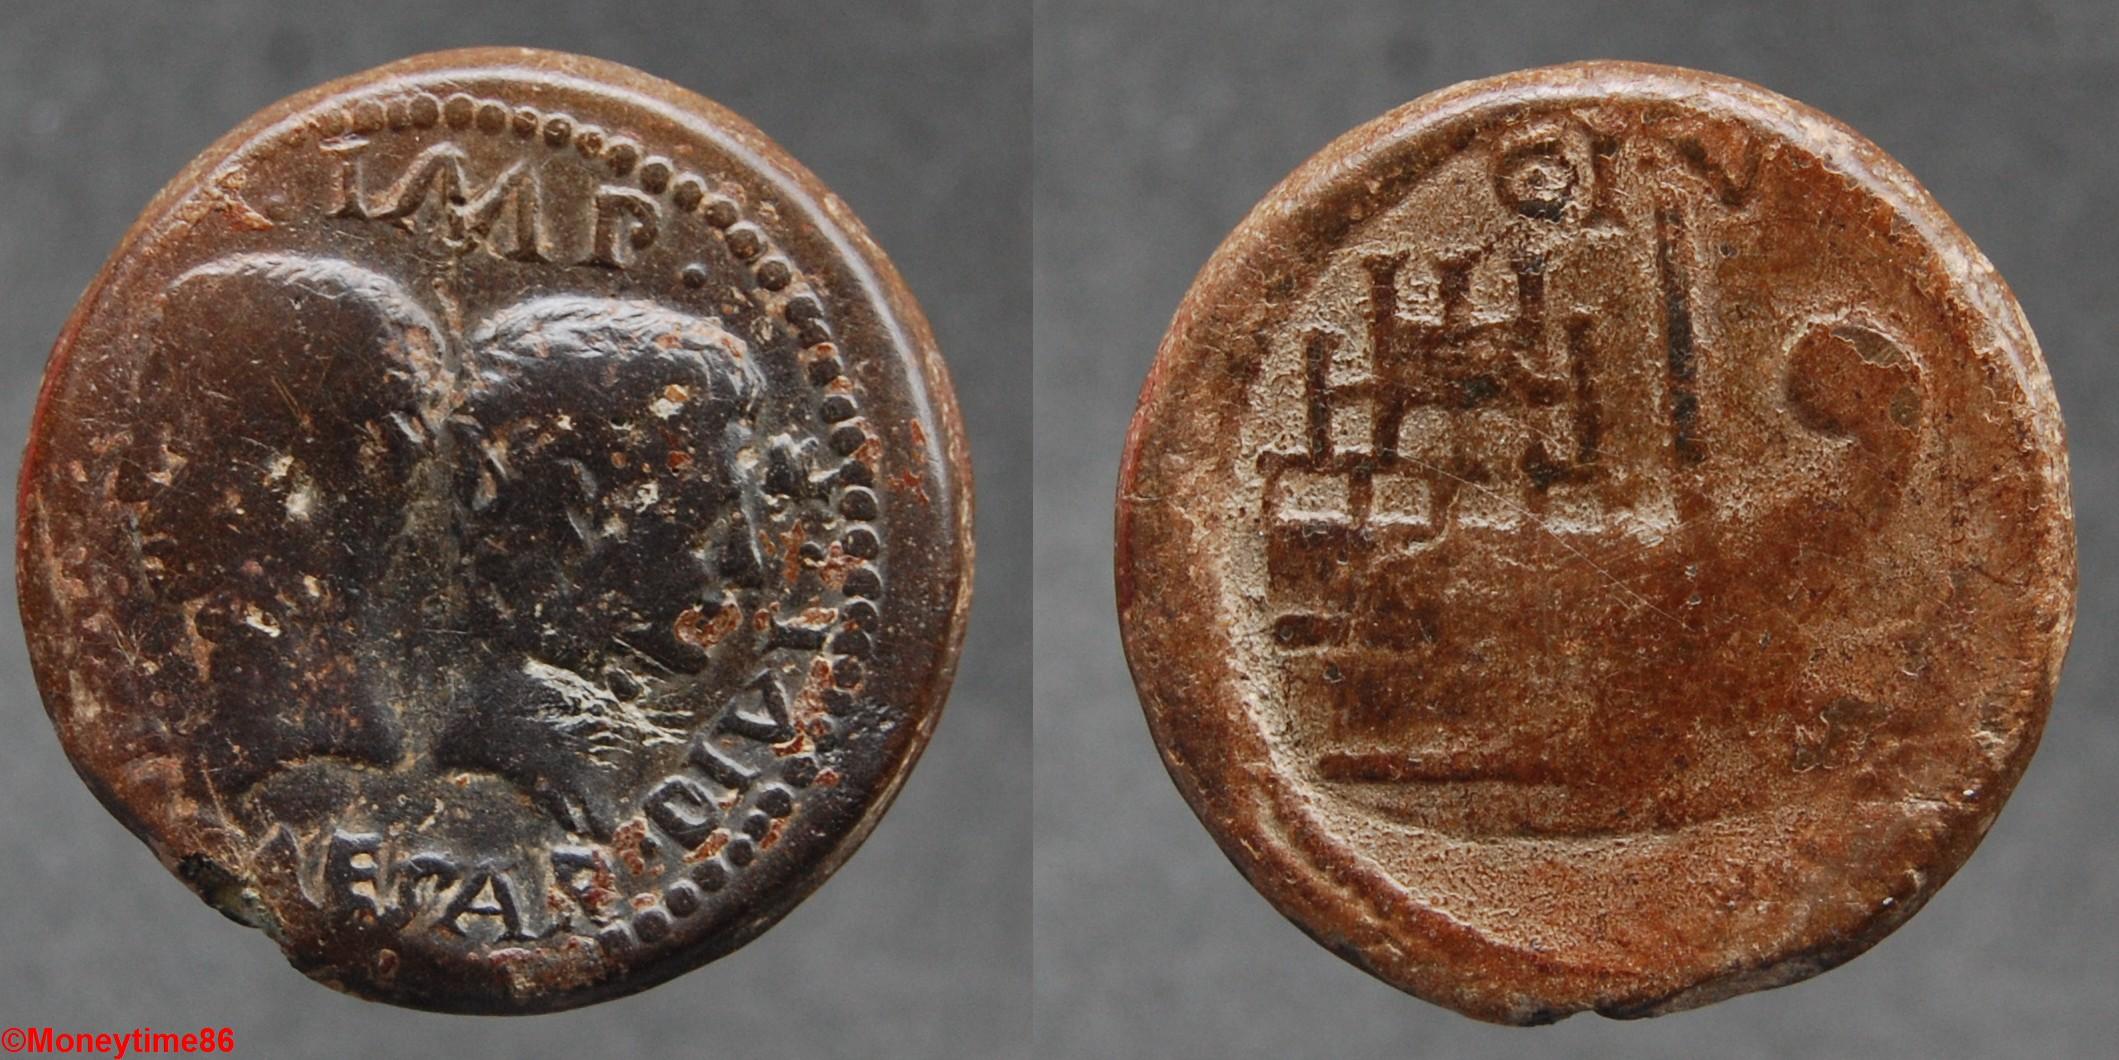 Jules César et Octave, Dupondius de Vienne à la proue de navire